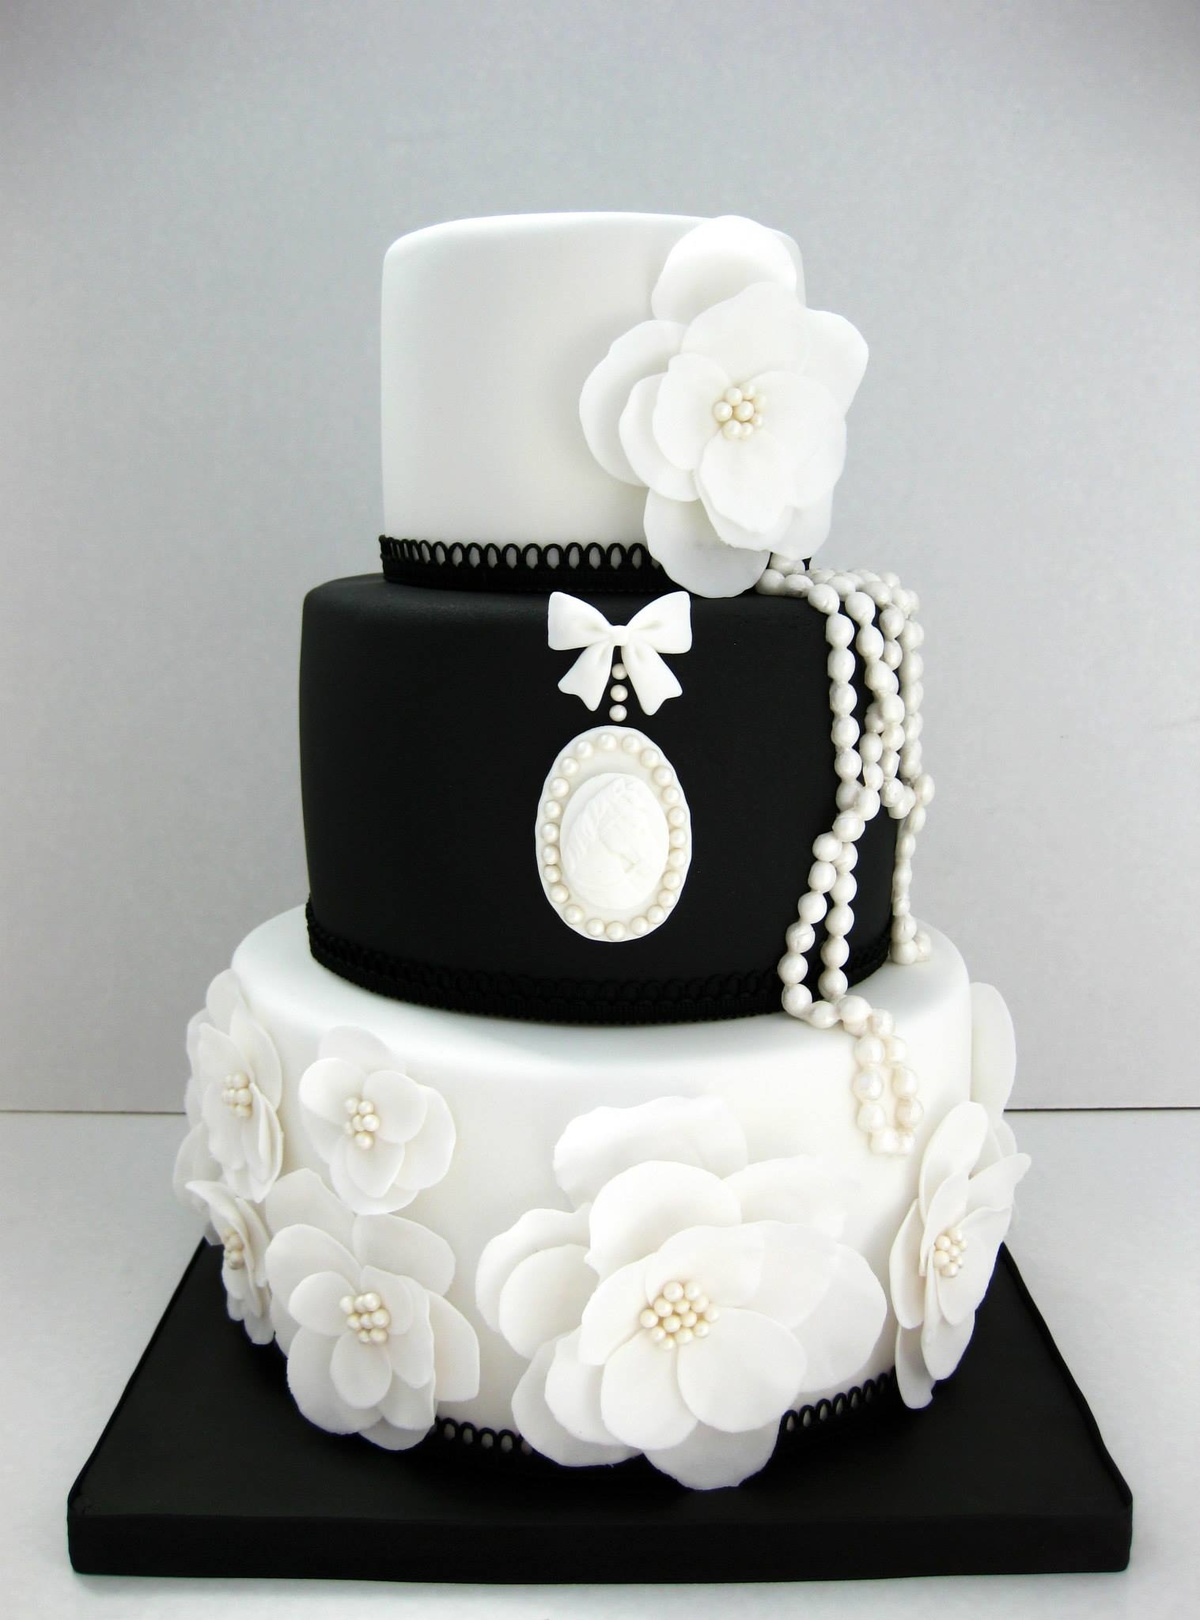 теперь торт в черно белом цвете фото запрета рекламы